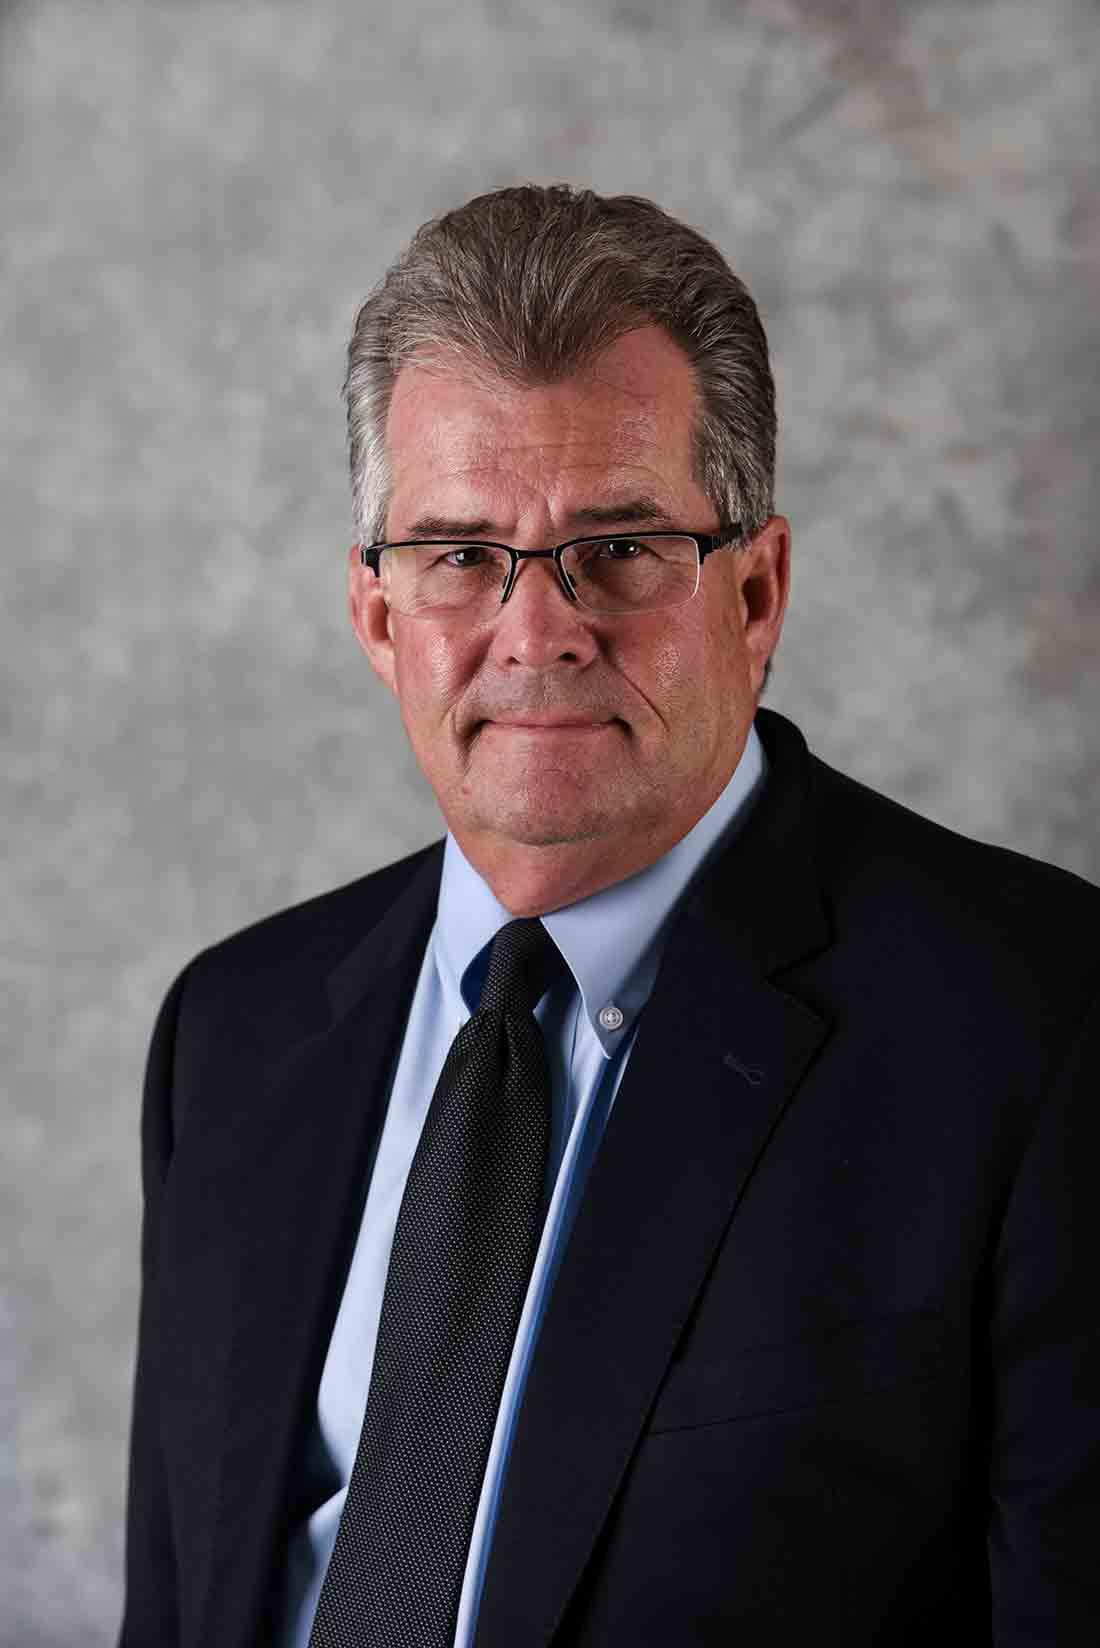 Frank Cooper : Family Service Advisor